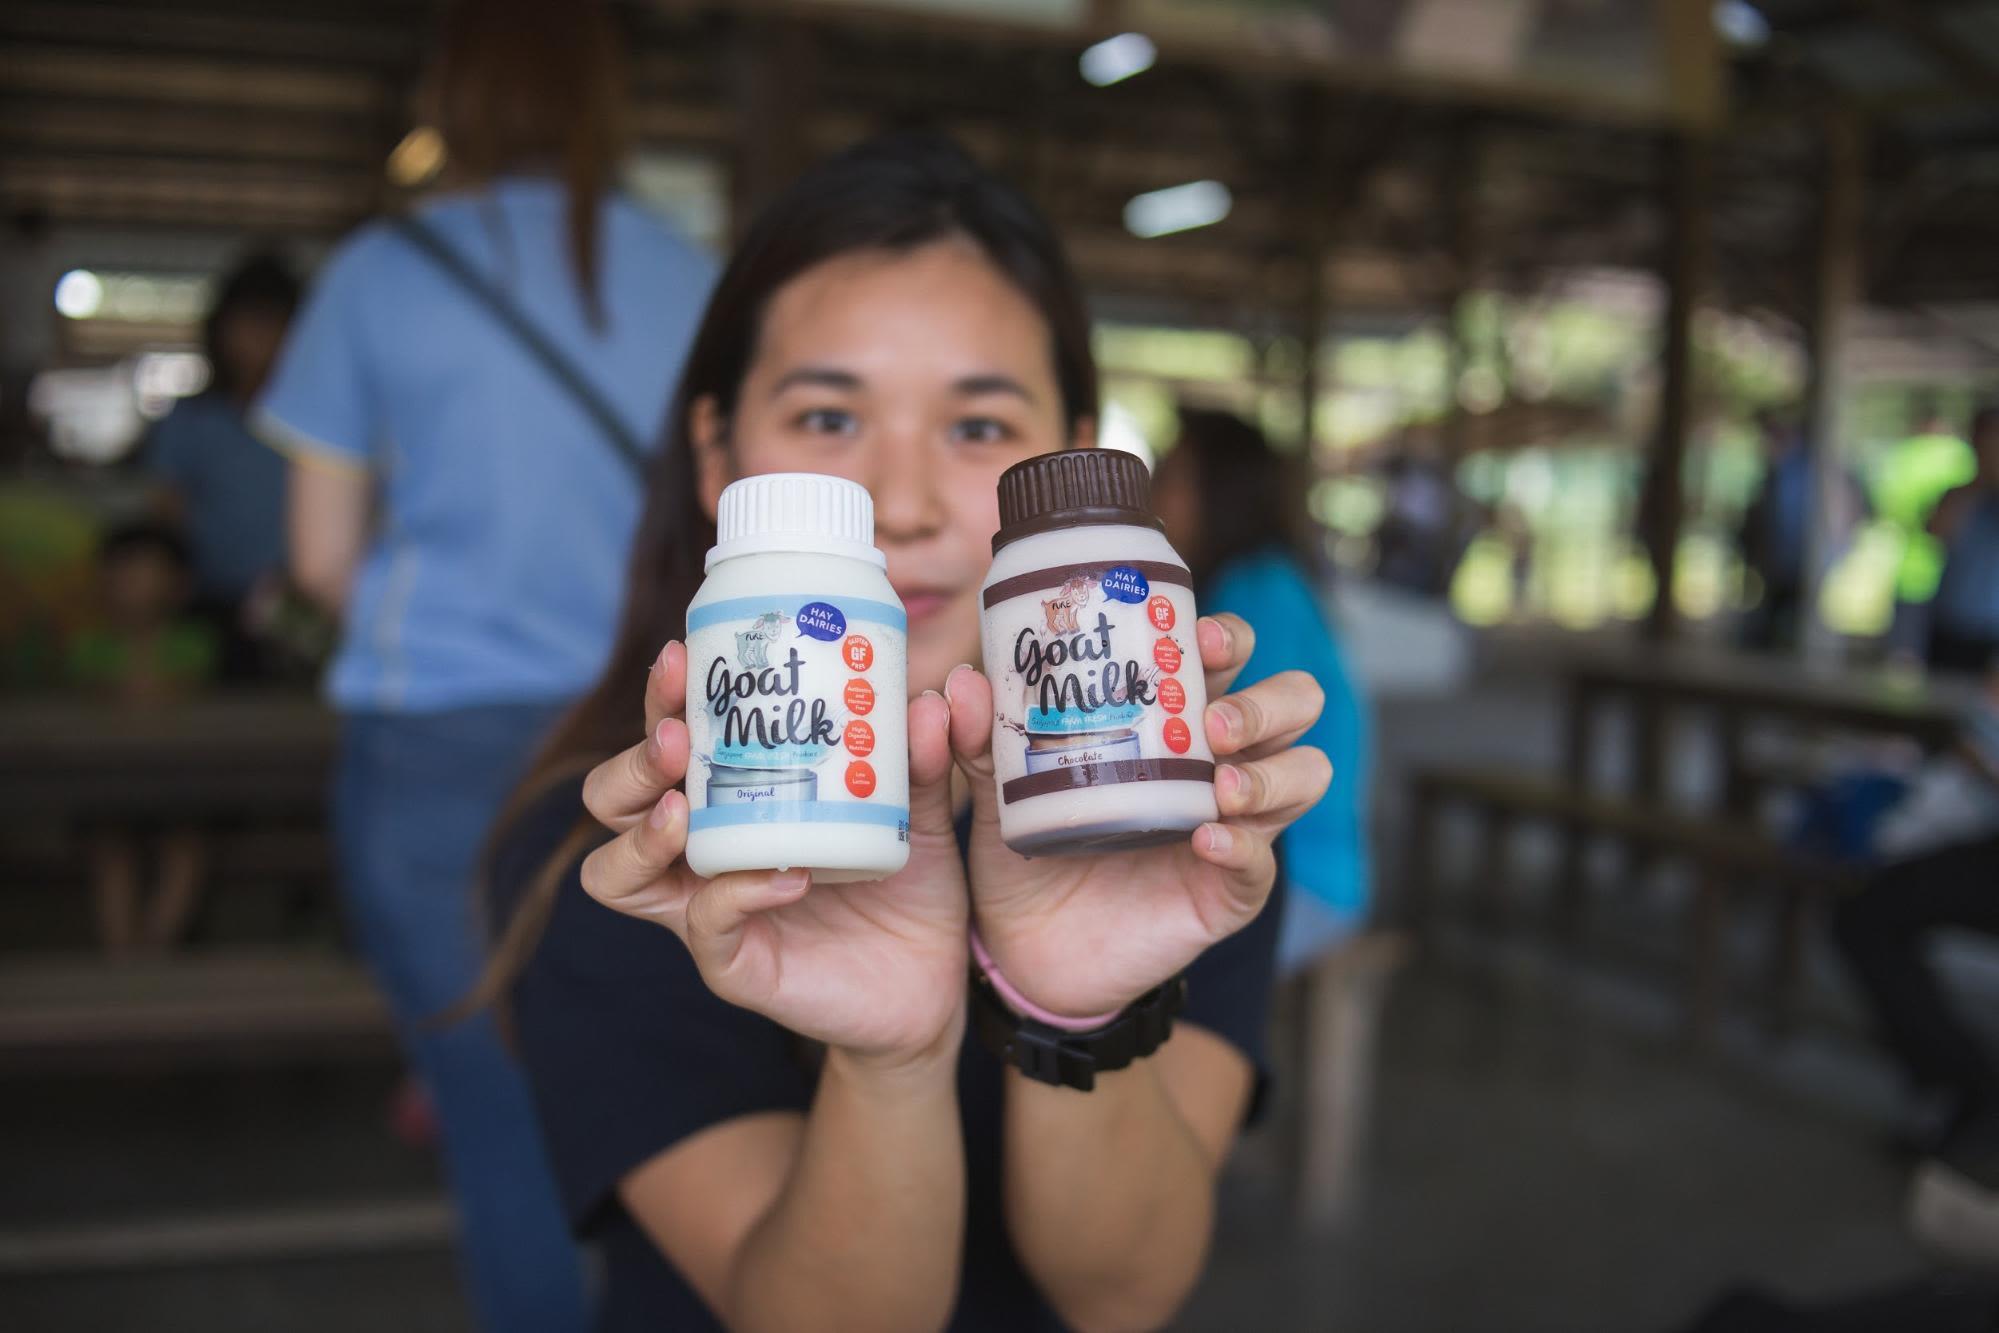 mua sữa dê ở trang trại sữa phía tây singapore